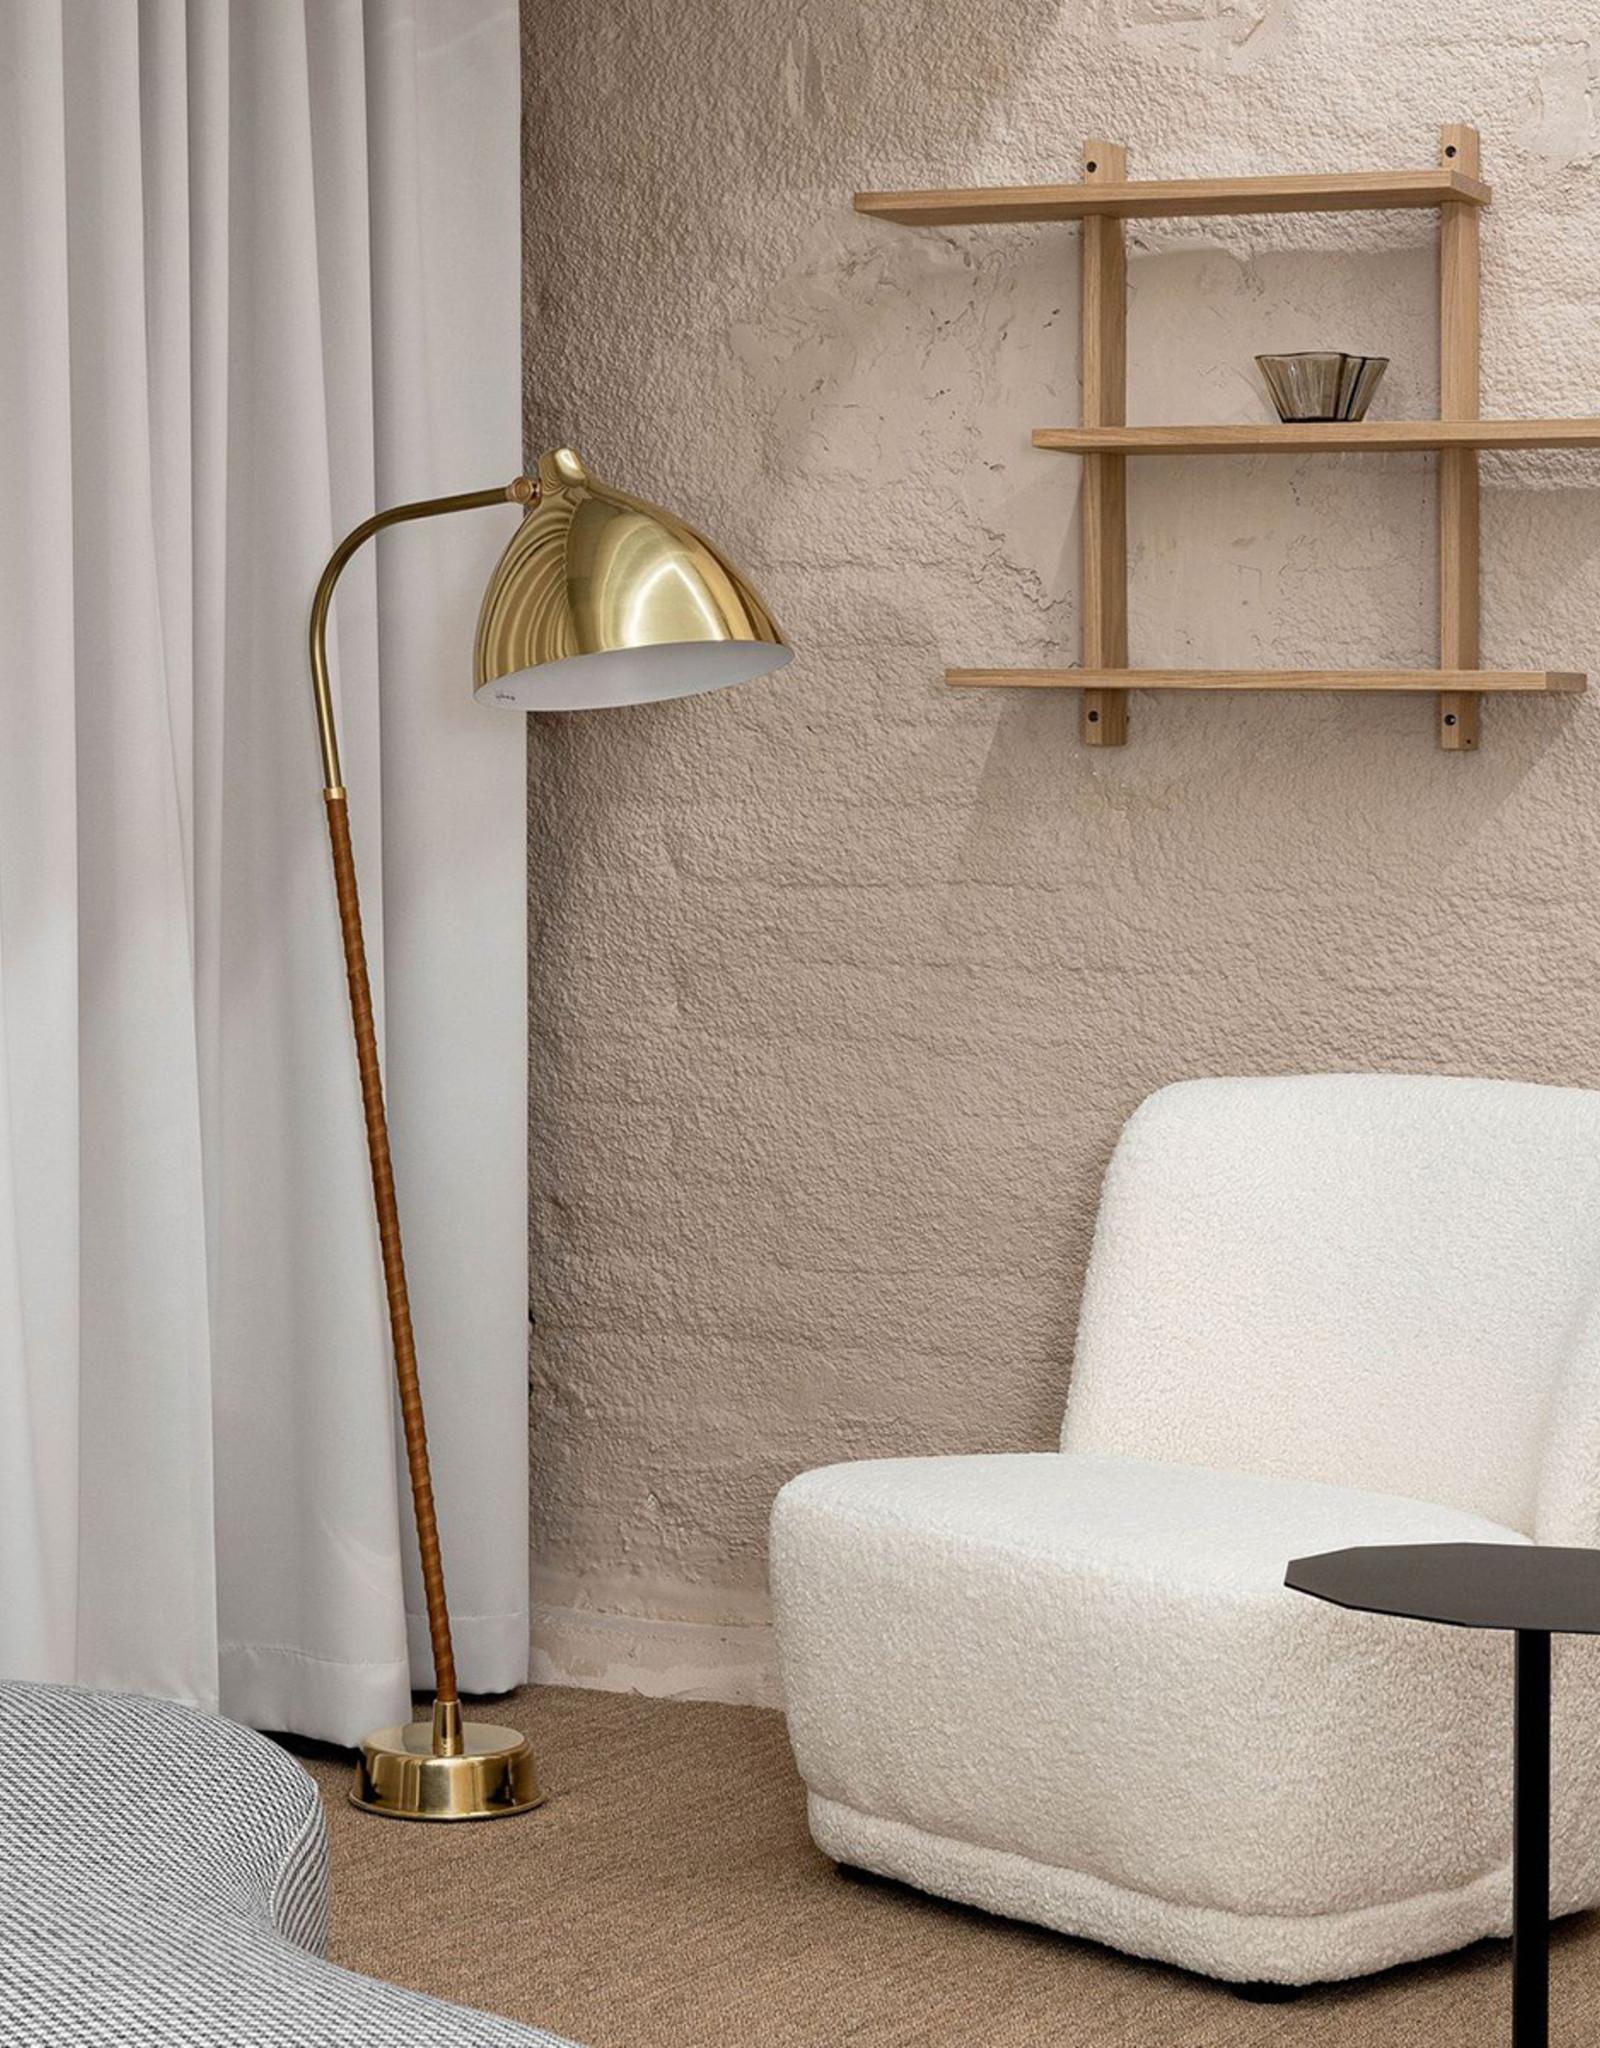 Lisa floor light by Lisa Johansson-Papeand